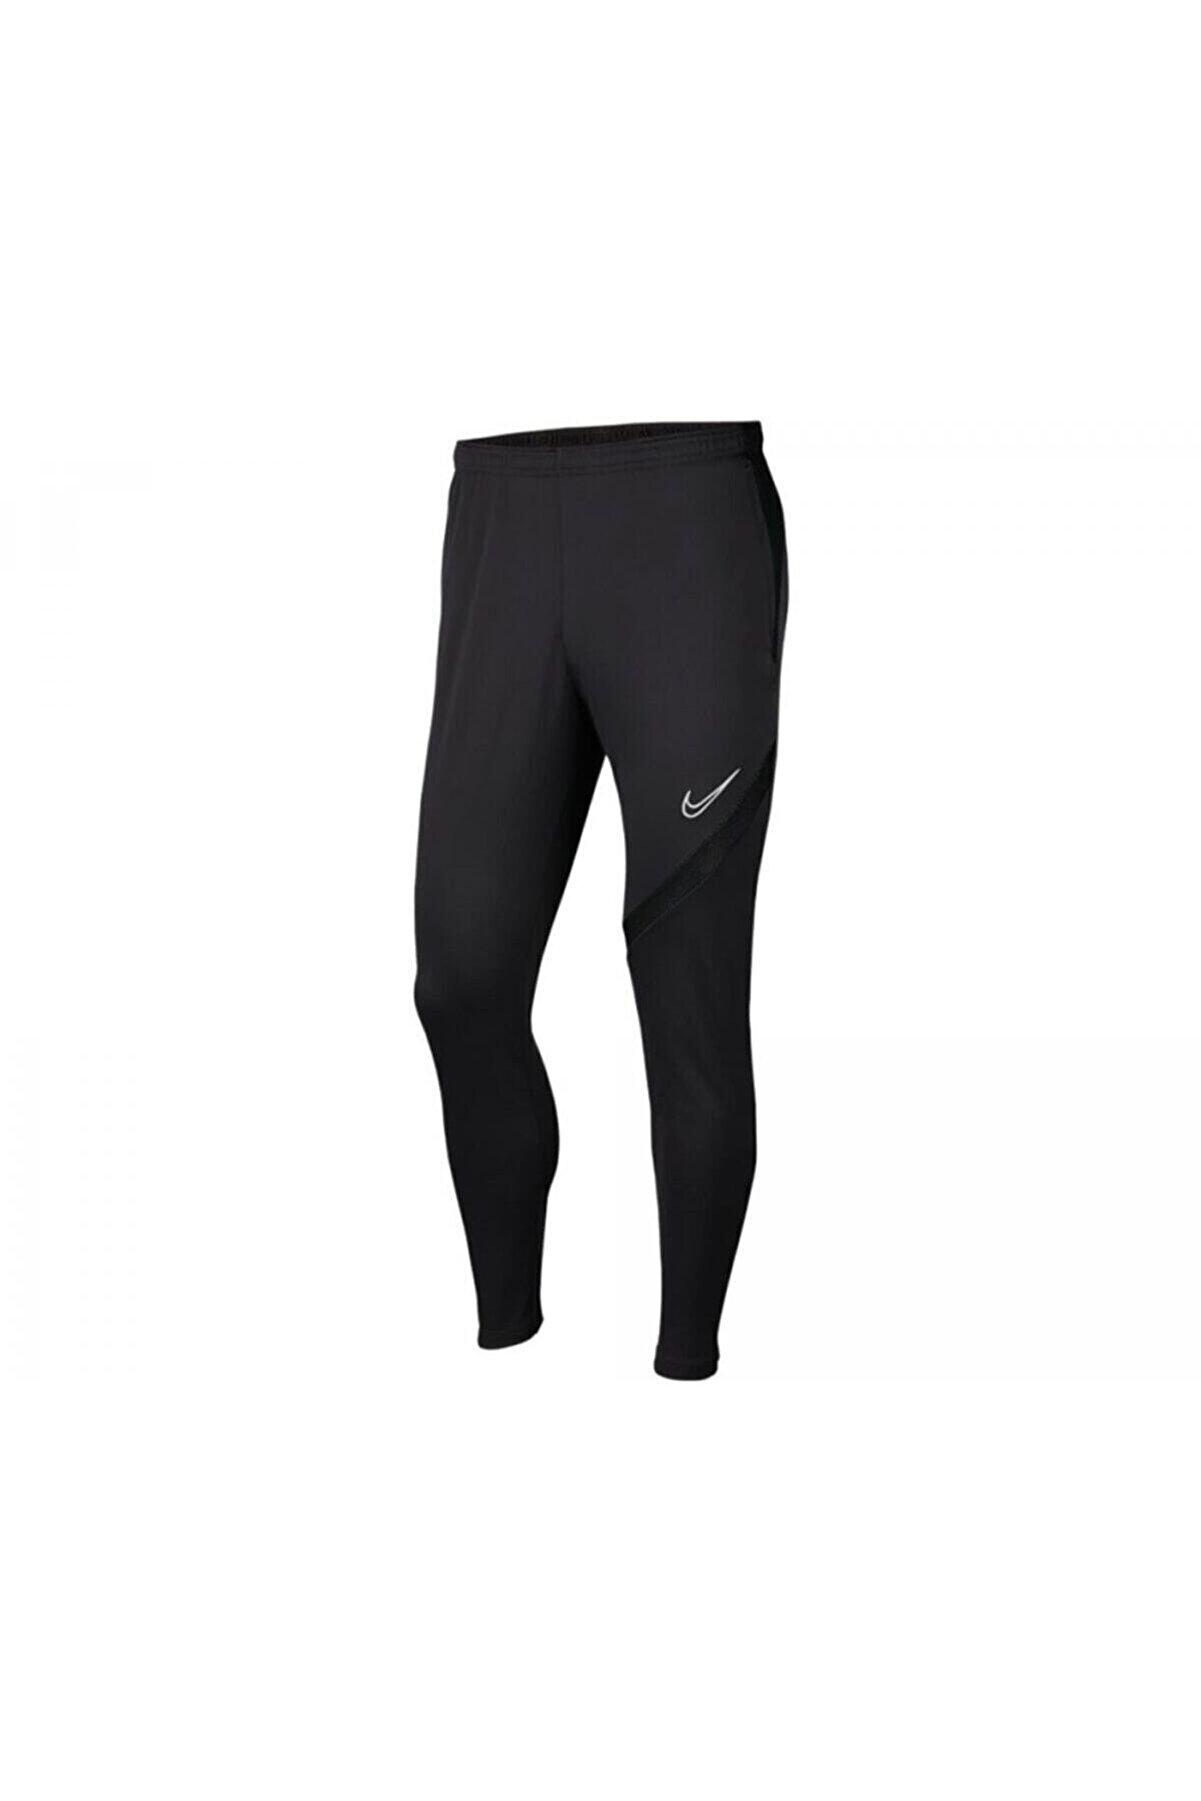 Nike Erkek Siyah M Nk Dry Acdpr Pant Kpz Eşofman Alt